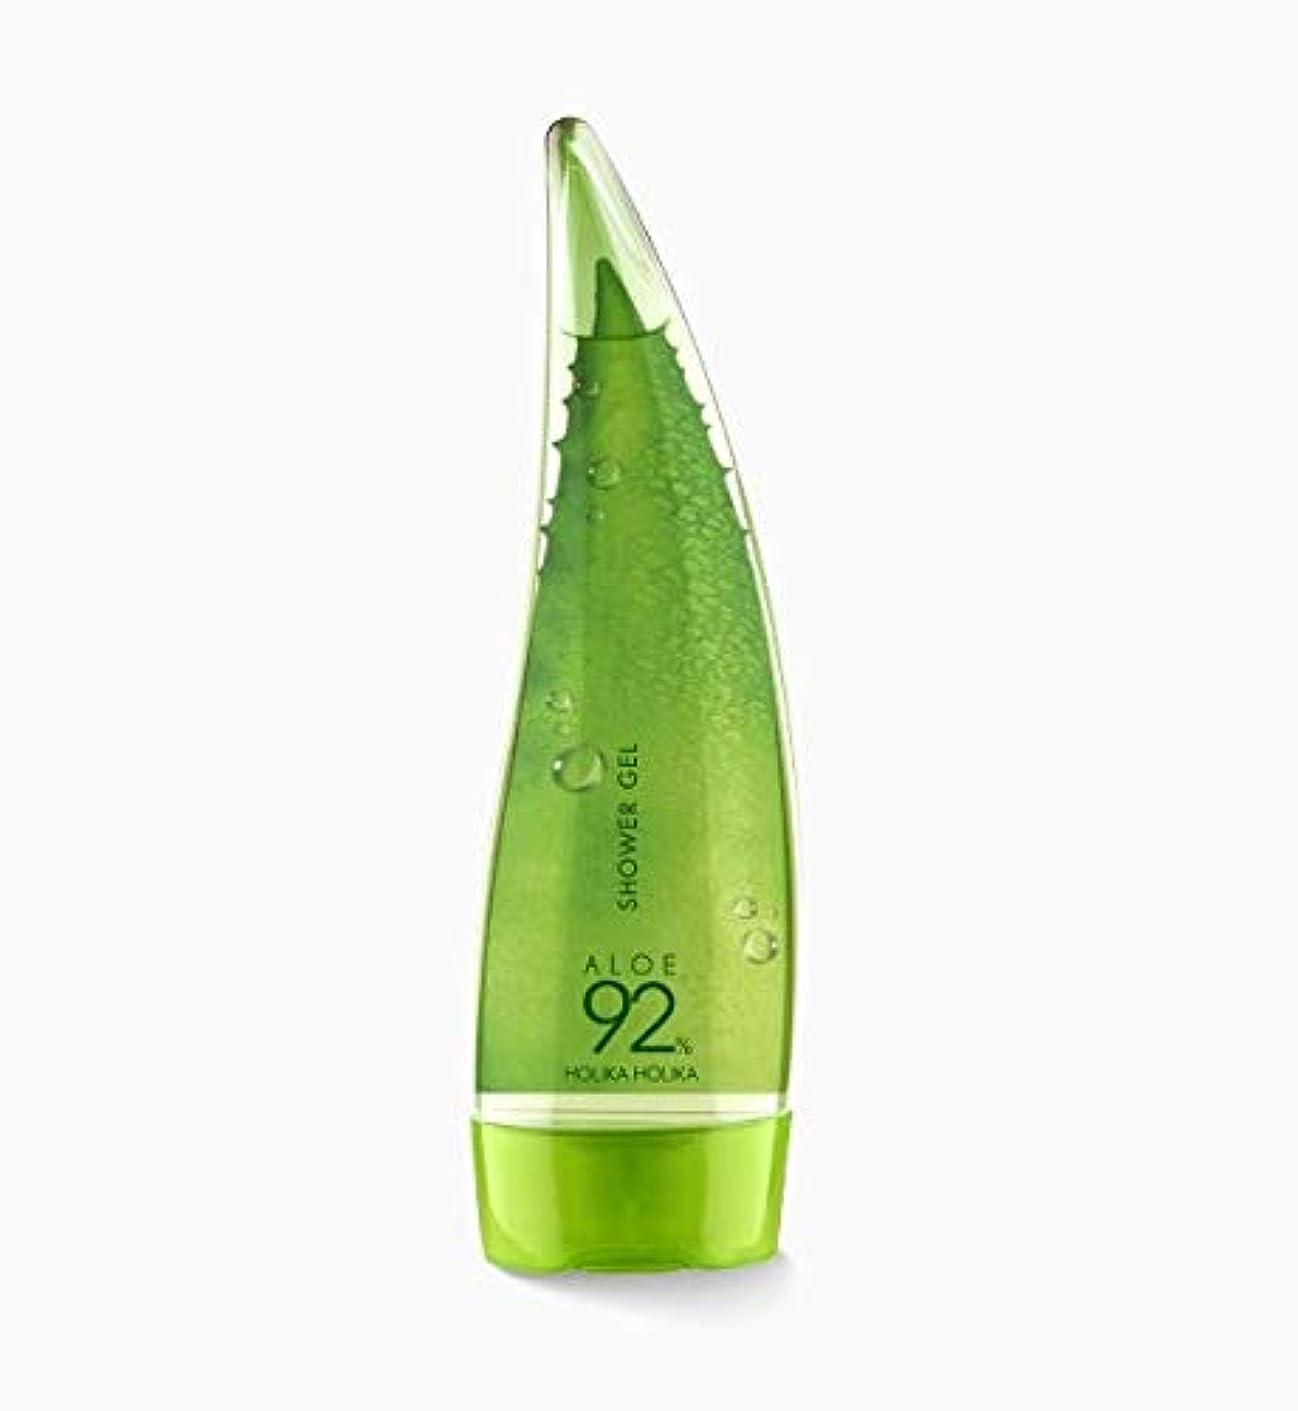 暴徒潮ポンペイ[holika holika] ALOE92% Shower Gel 250ml / [ホリカホリカ]アロエ92%シャワージェル250ml [並行輸入品]